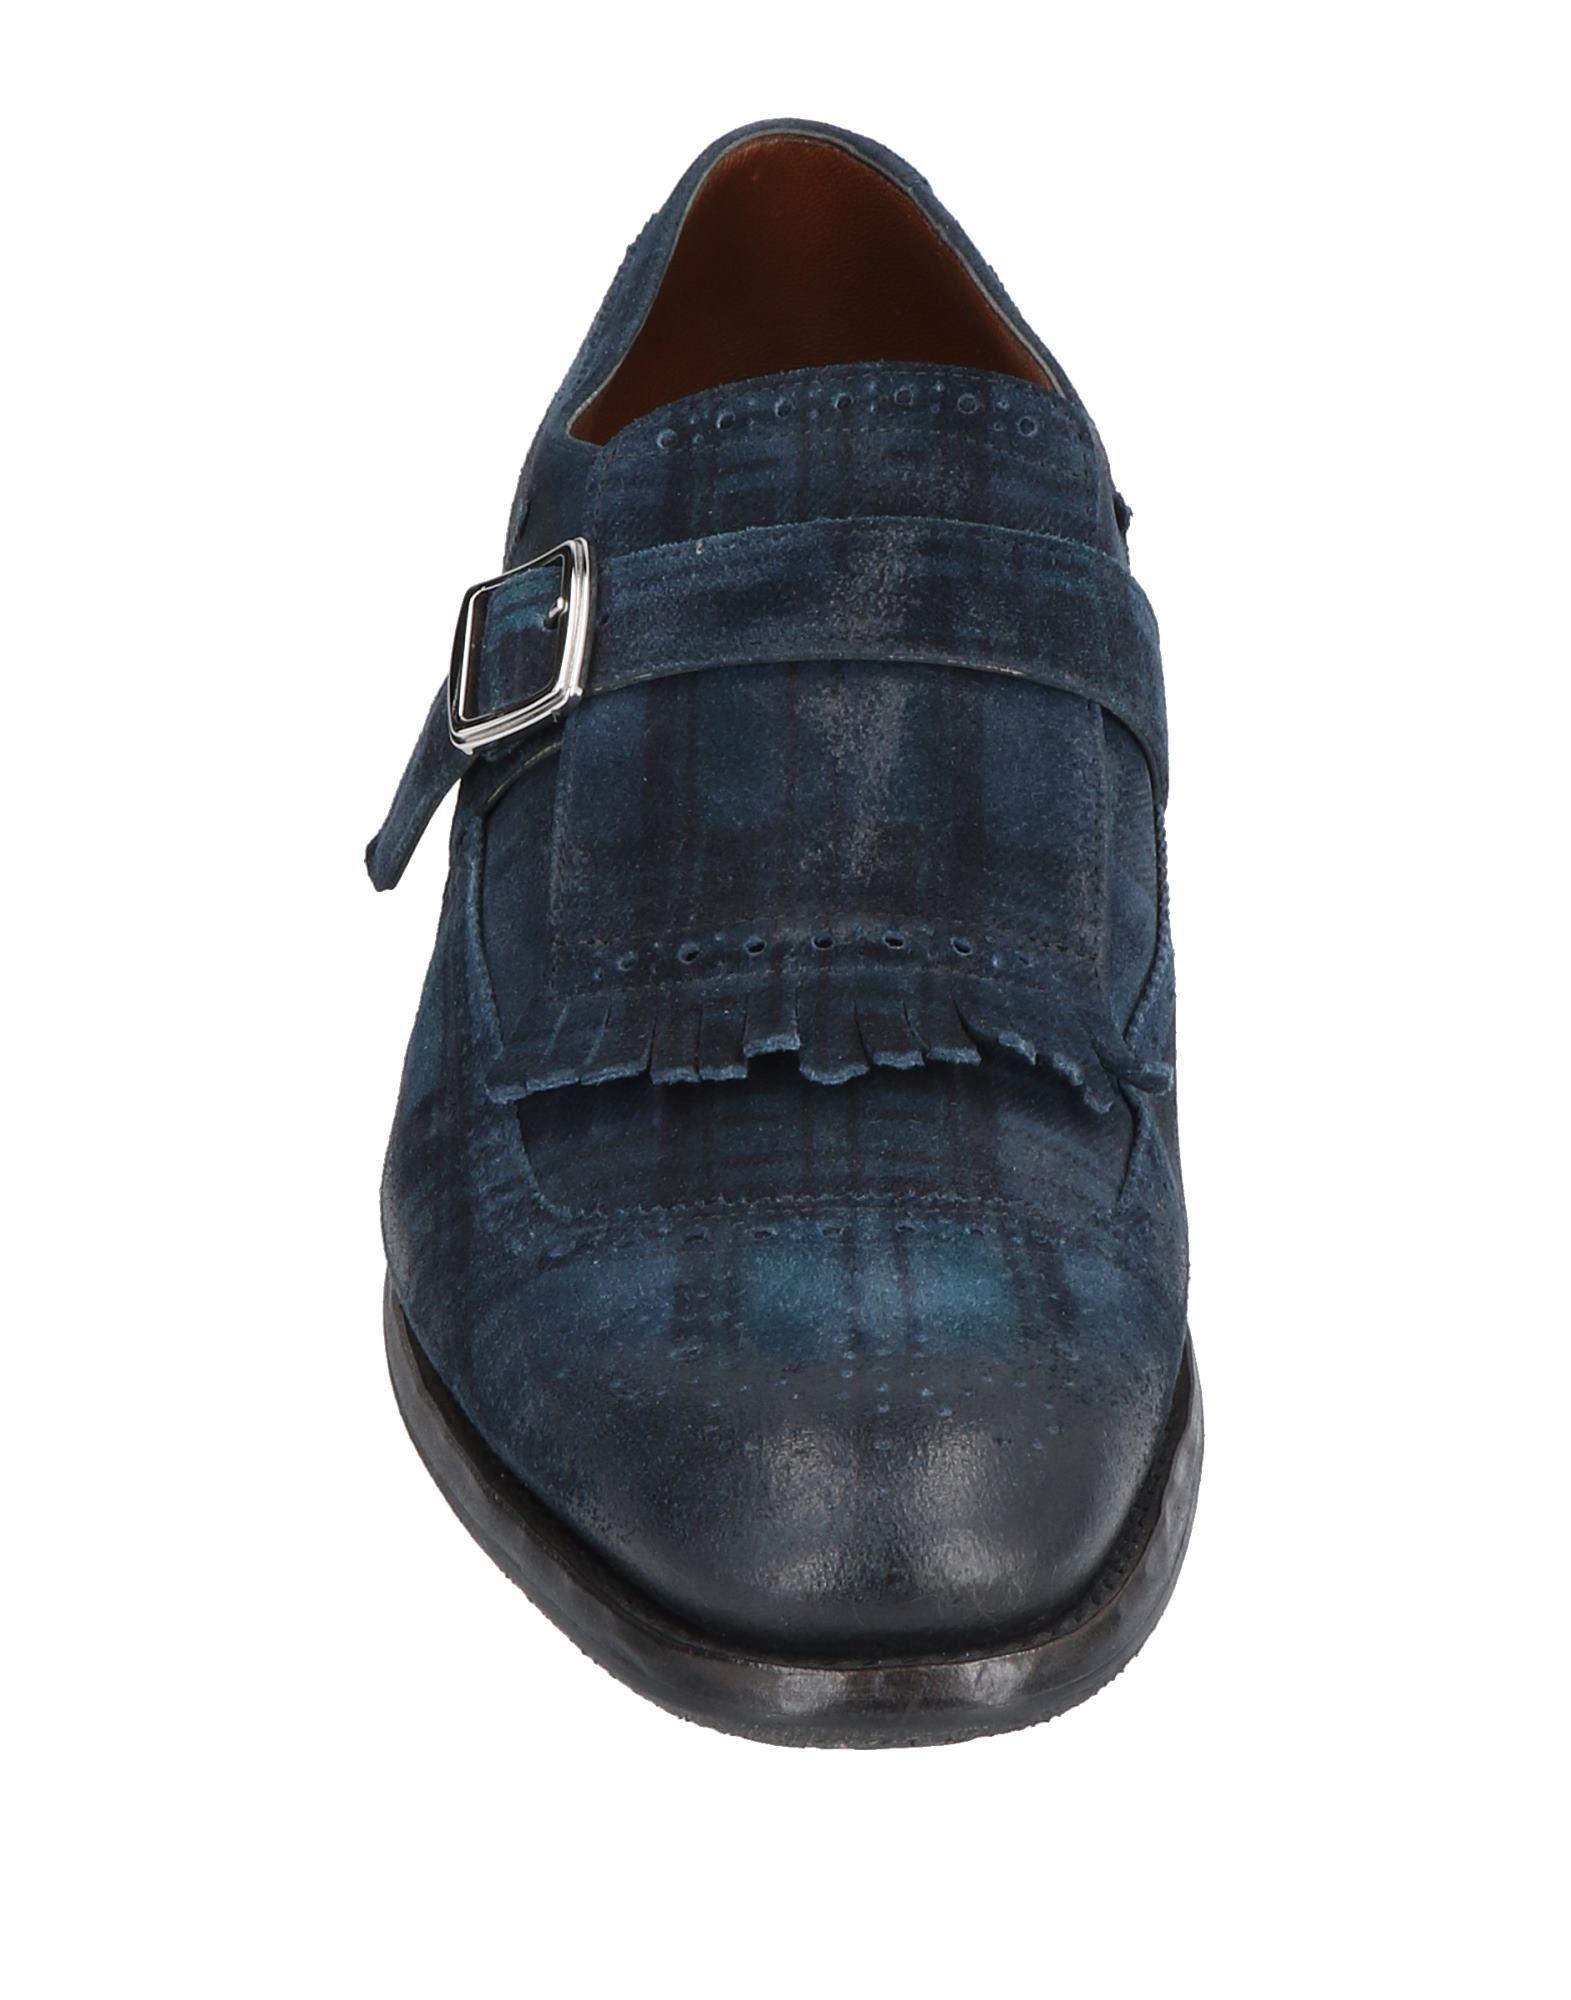 Church's Mokassins Gute Herren  11489214LB Gute Mokassins Qualität beliebte Schuhe d6ead5